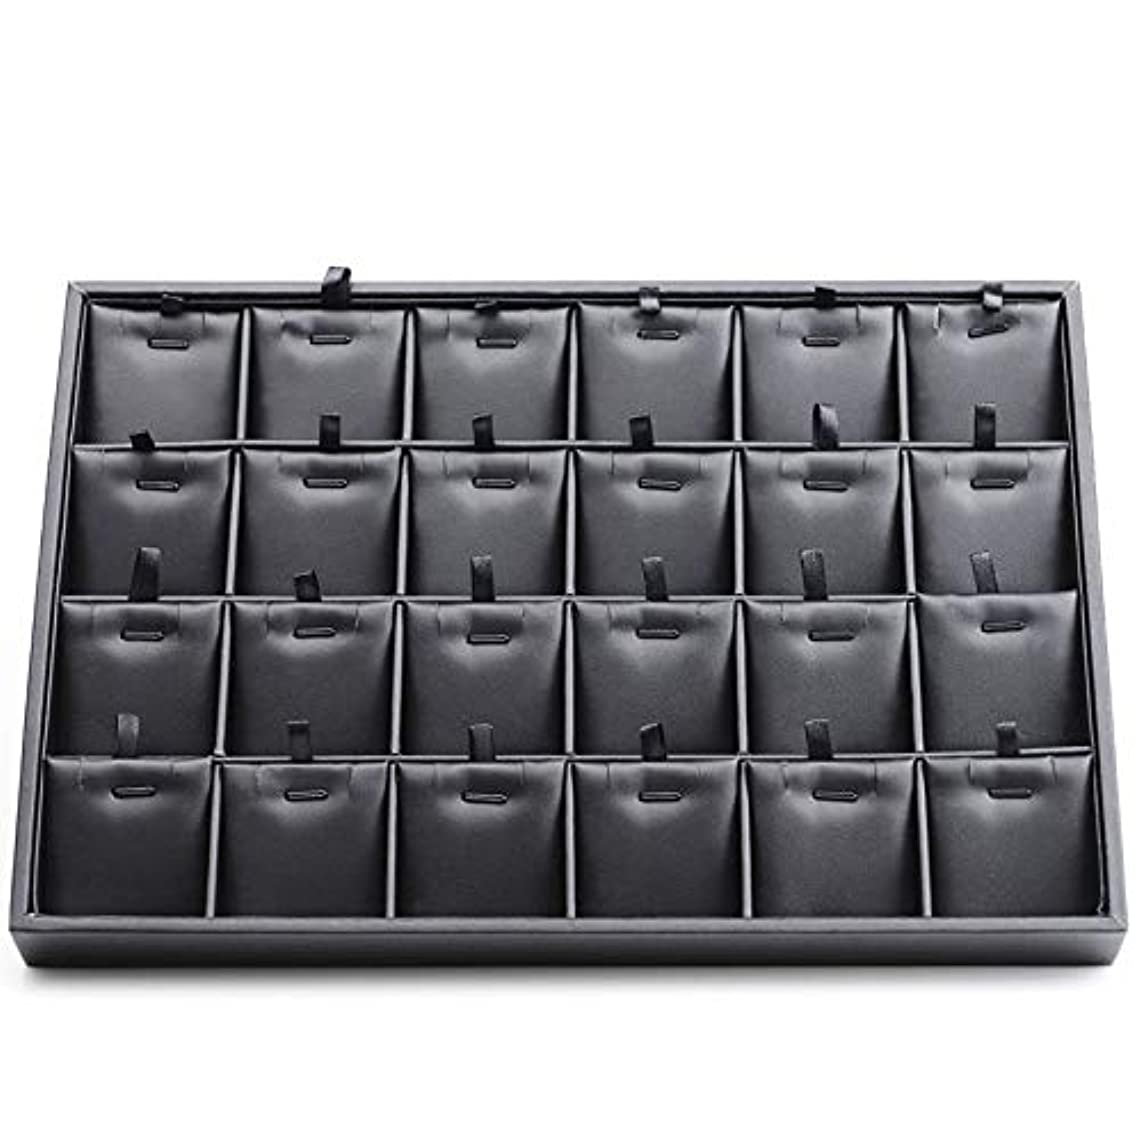 重さ欺くカプラー24区画 革製 収納ボックス レザー ジュエリートレイ アクセサリーケース 展示トレイ ピアス、イヤリング、指輪、ブレスレット、鍵、小物入れ ジュエリー、アクセサリー【SiSe9】